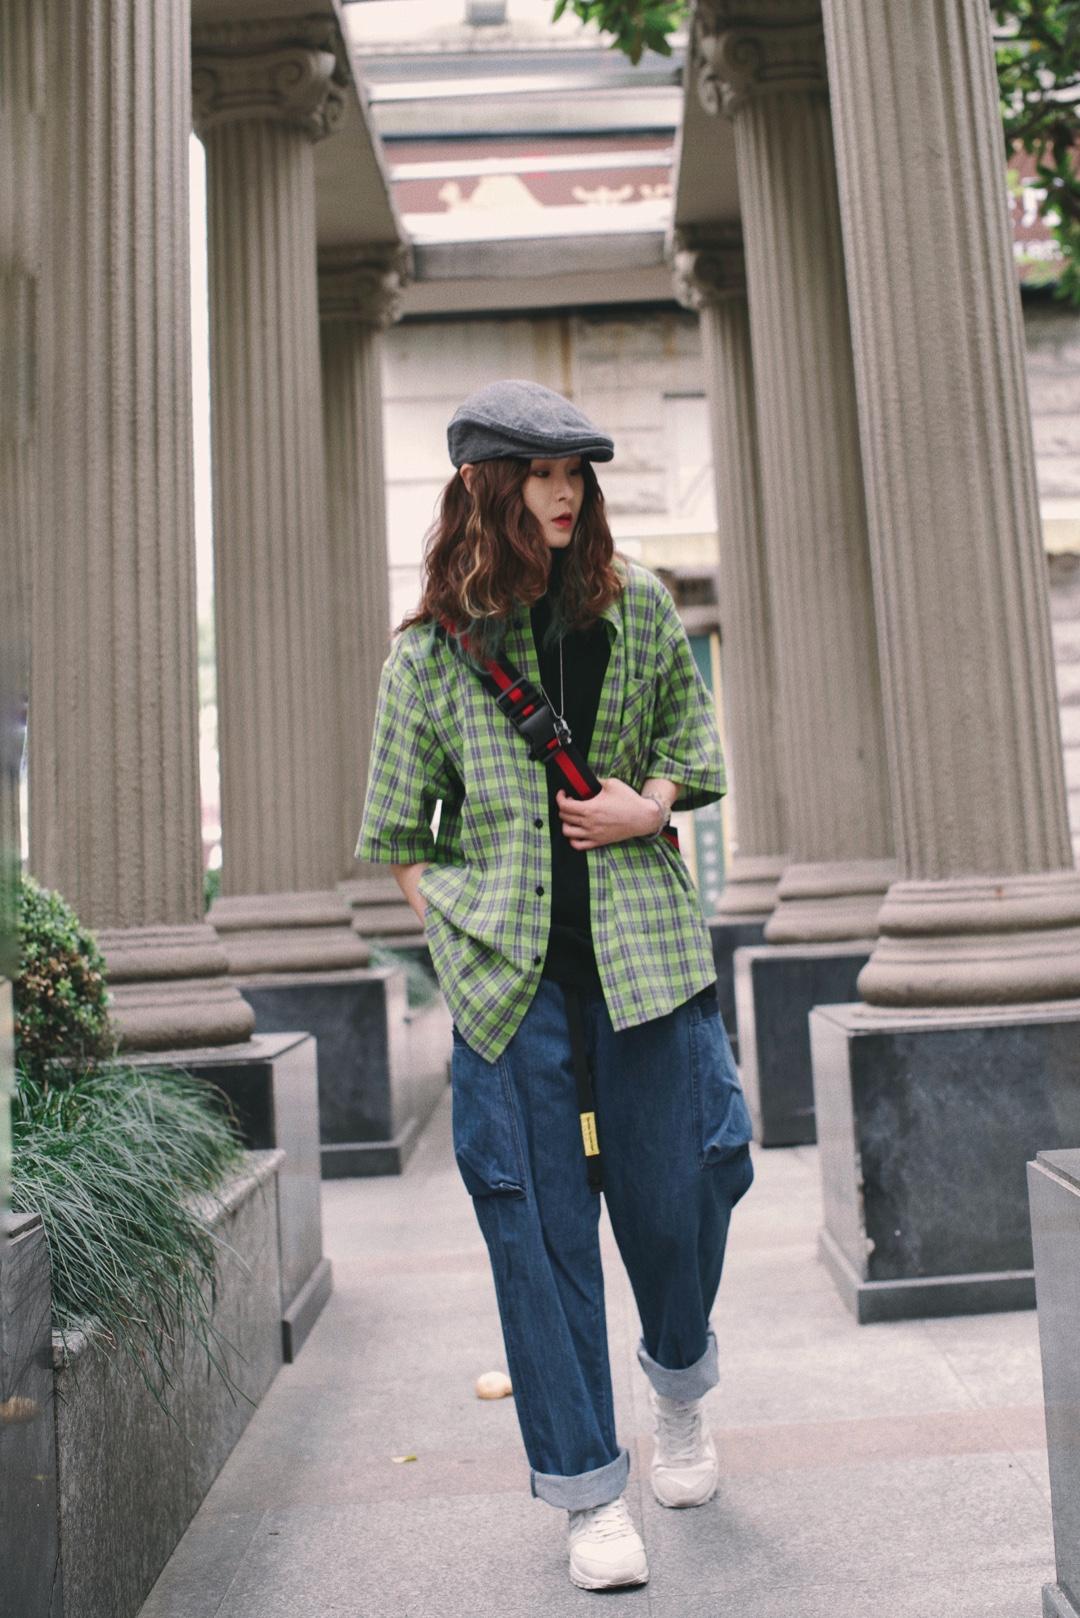 这次想搭配比较街头复古的感觉,今年走在街头上绿色总是格外显眼,莫非2019在吹绿色的风??那我就上街收集绿色吧! 内搭:vengetice 衬衫:vengetice 绿色格纹口袋,领口胸口背后采用斜格处理,黑色辅助,同时口袋处白色印花点缀,整体设计简洁丰富,是夏日必备单品,非常百搭 裤子:dakyam 宽松口袋拉链牛仔裤,街头漫不经心的态度贴合街头的靛蓝色调,膝盖上的大口袋是特色,加长的腰带配上黄色点缀分外醒目,版型宽松且跨步较低,慵懒的即视感。 鞋子:NB #远离粗腿,遮腿出街利器get#